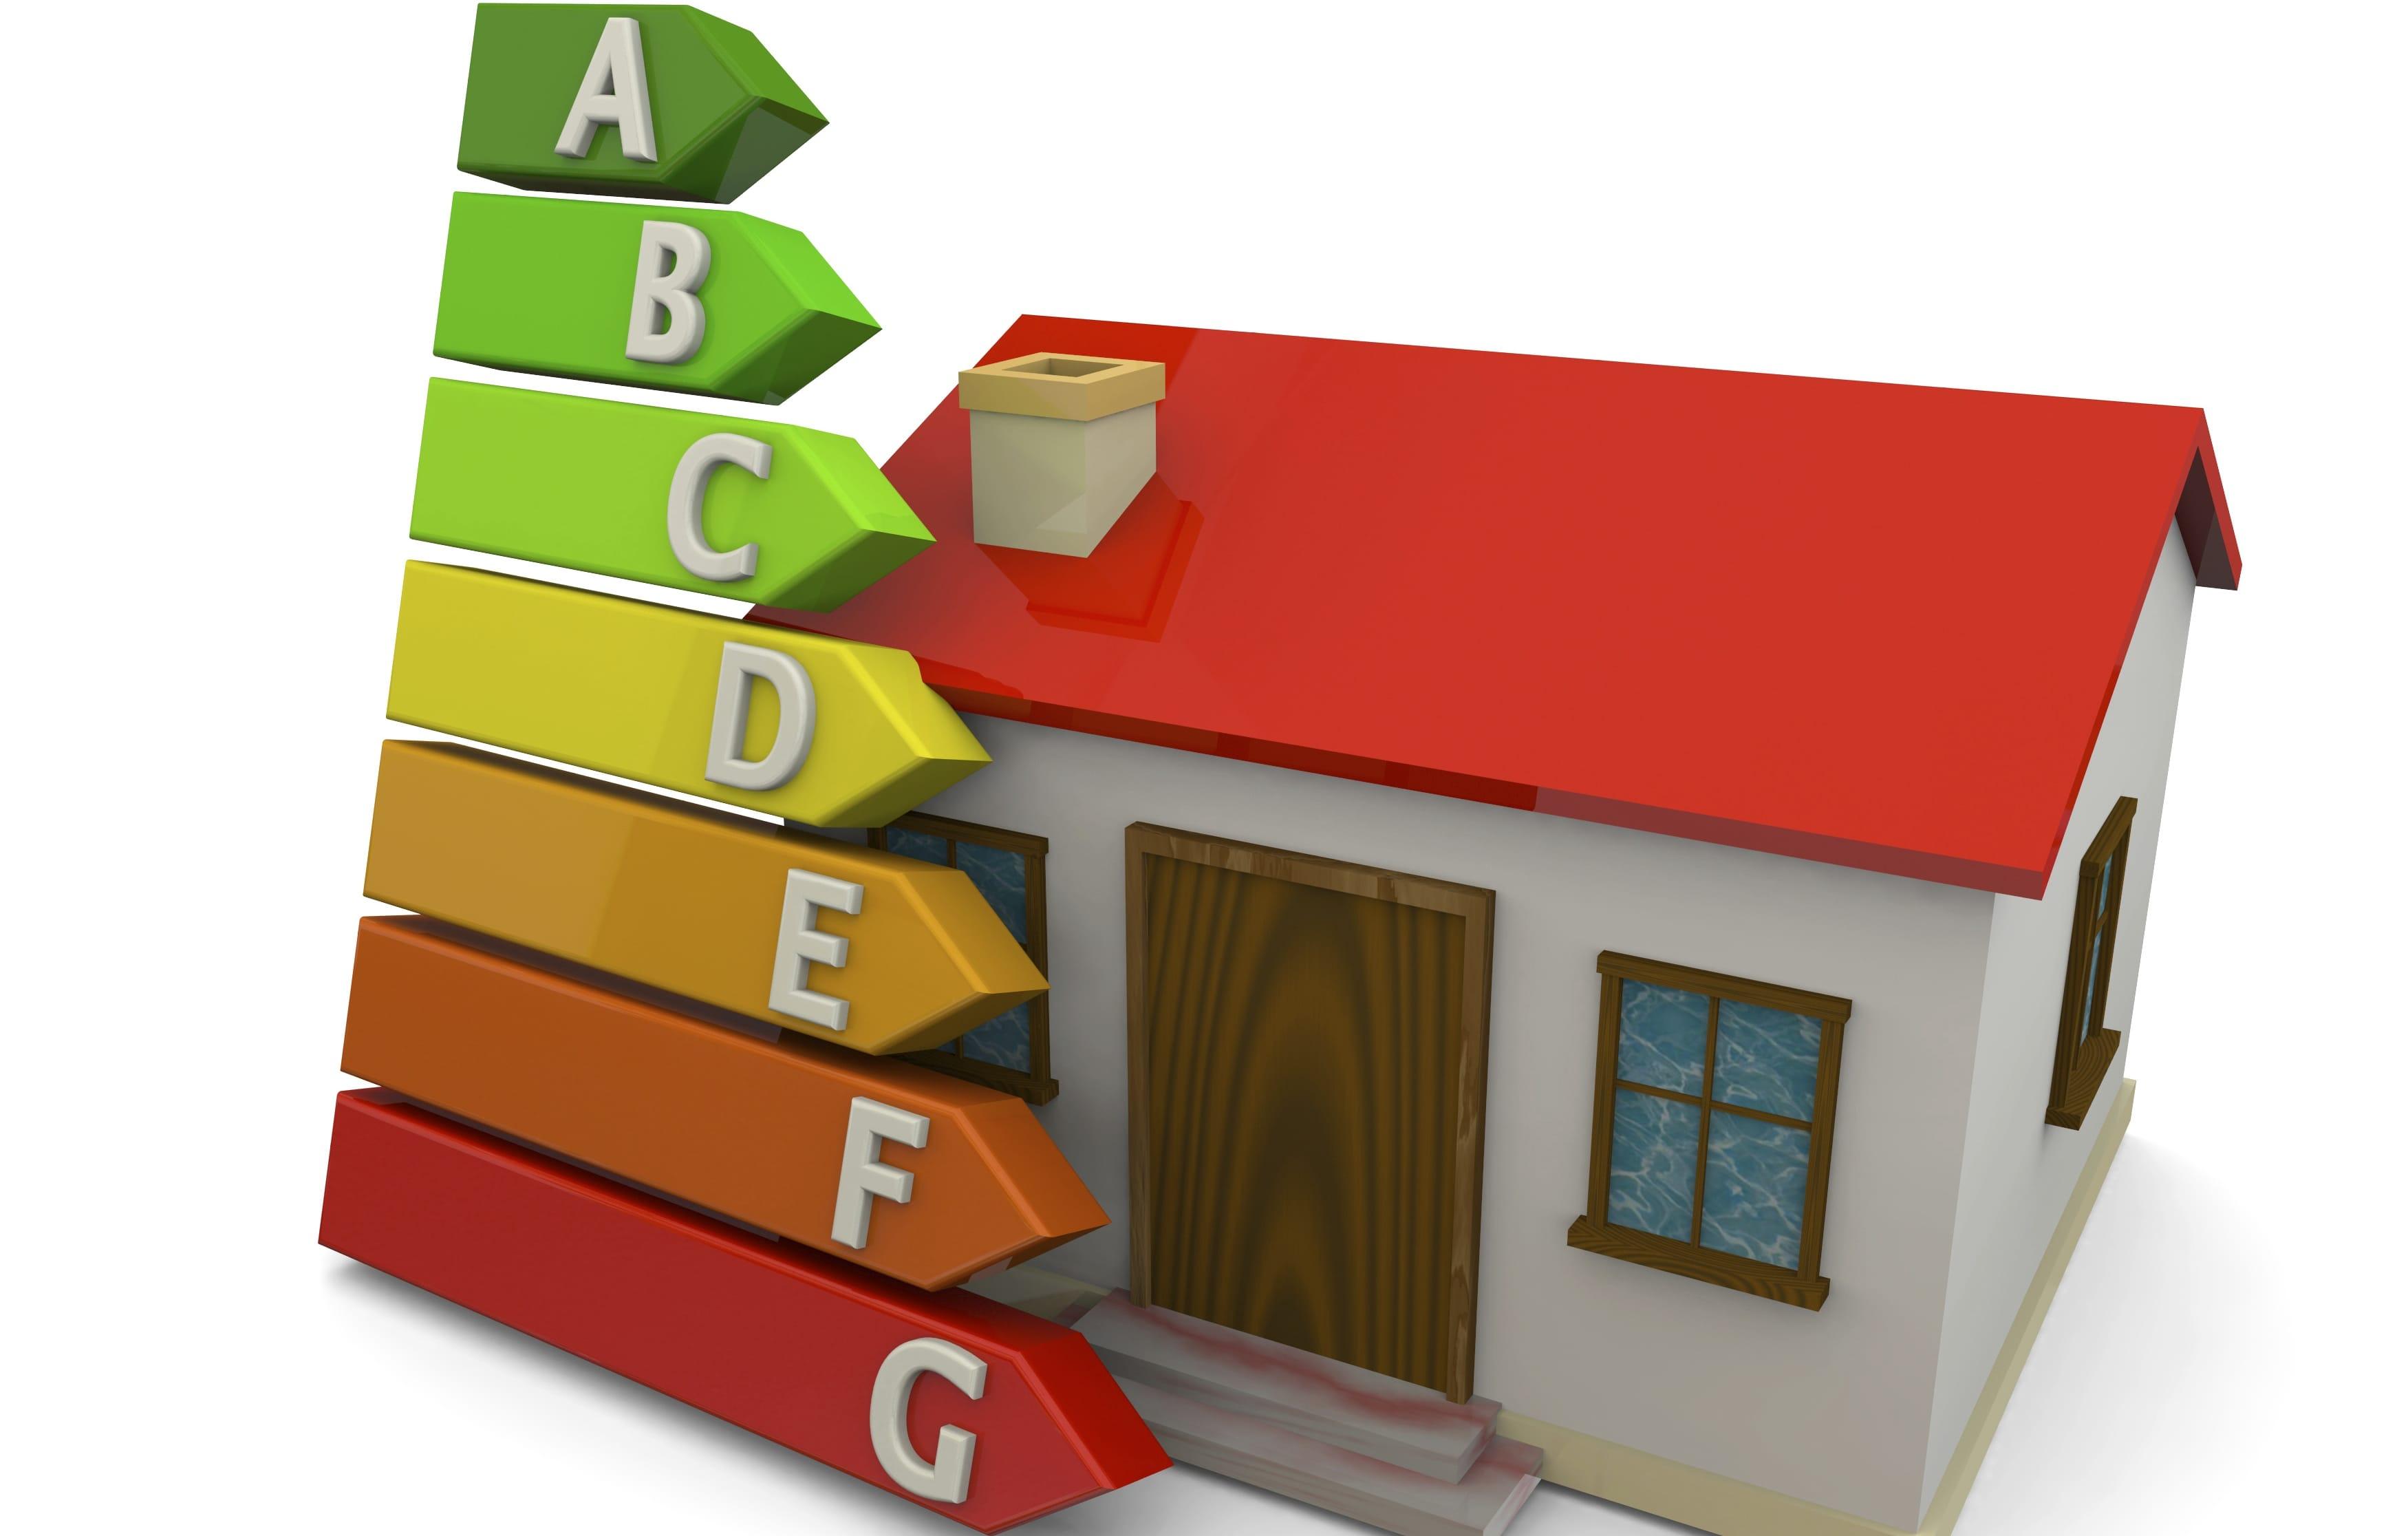 Casa immobiliare accessori risparmio energia elettrica - Costo metano casa ...